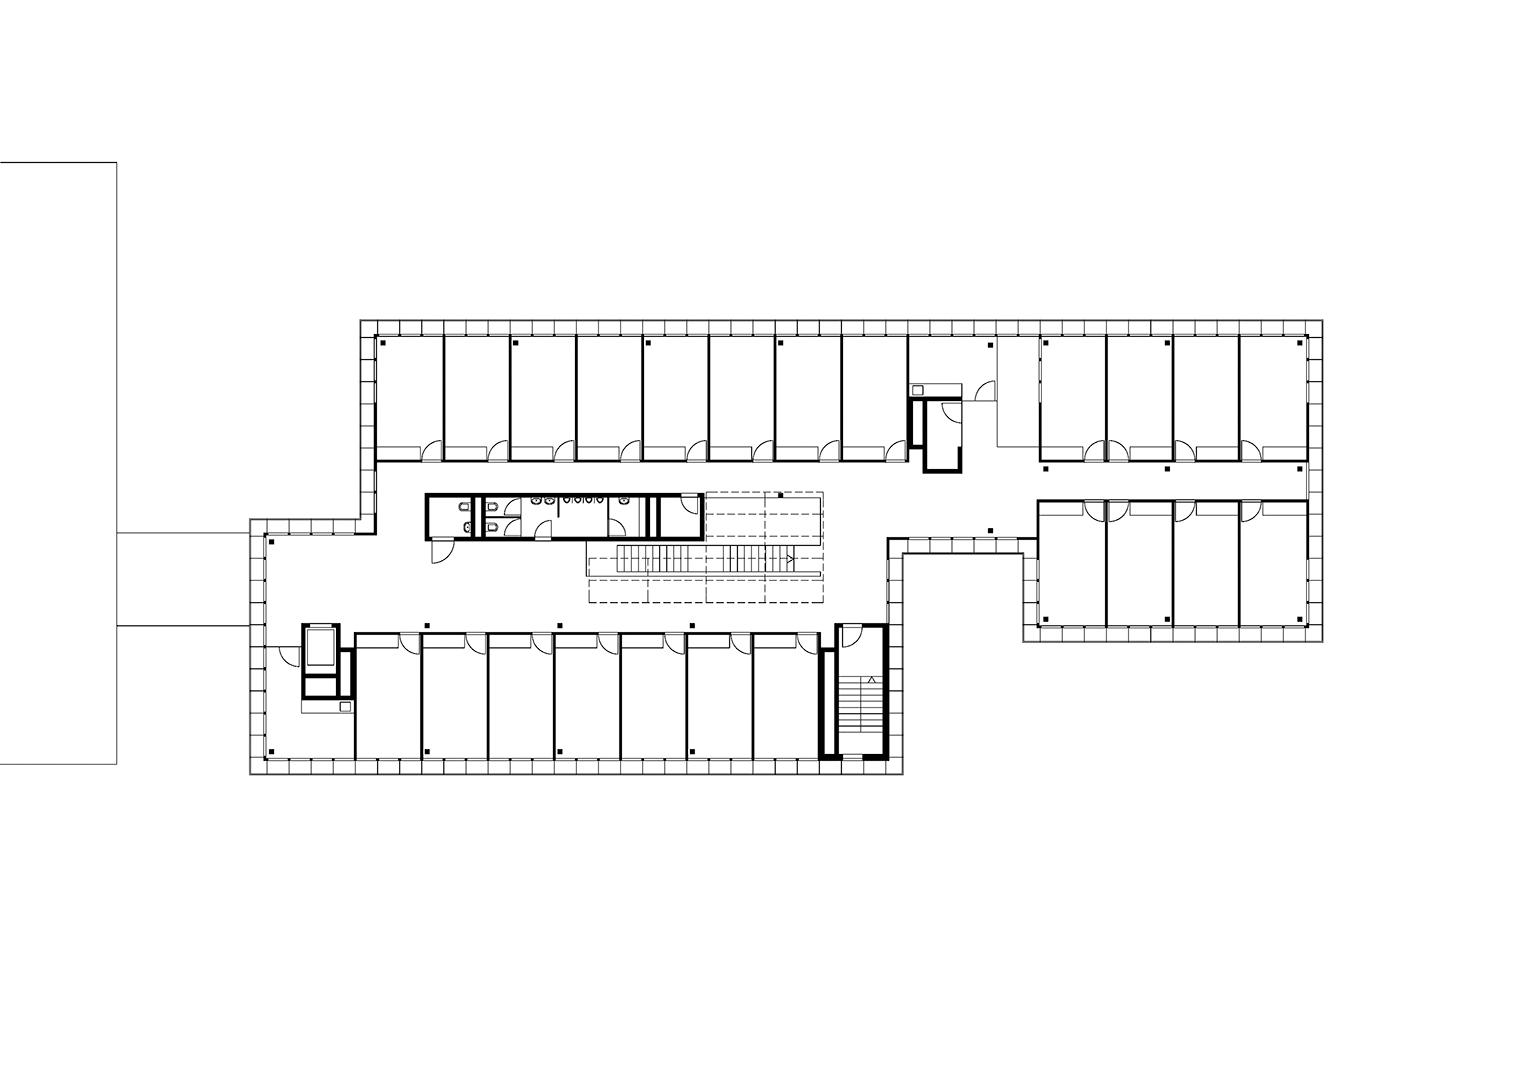 Erweiterung Bundesverfassungsgericht, Karlsruhe | Sauerzapfe Architekten